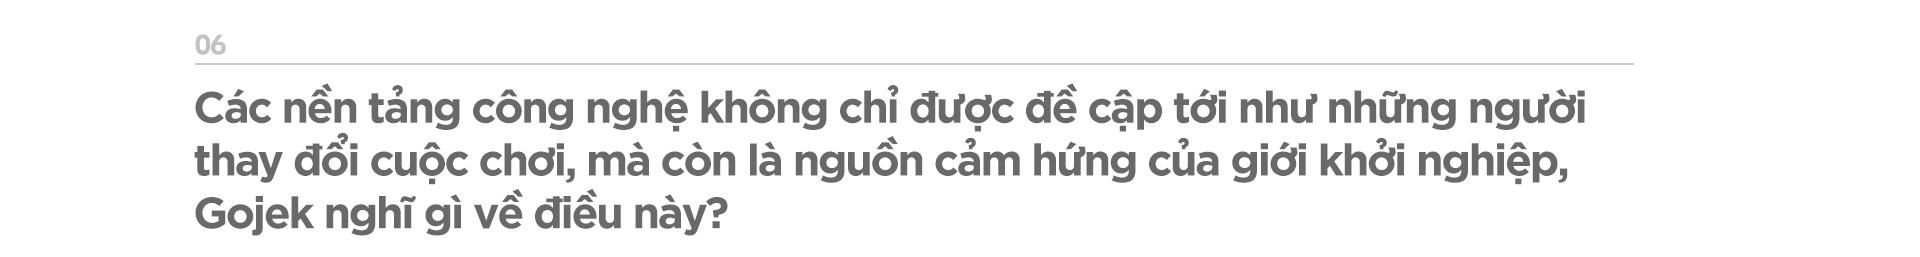 Tổng giám đốc Gojek Việt Nam: Trong nền kinh tế số, chúng tôi chia sẻ với đối tác - Ảnh 14.